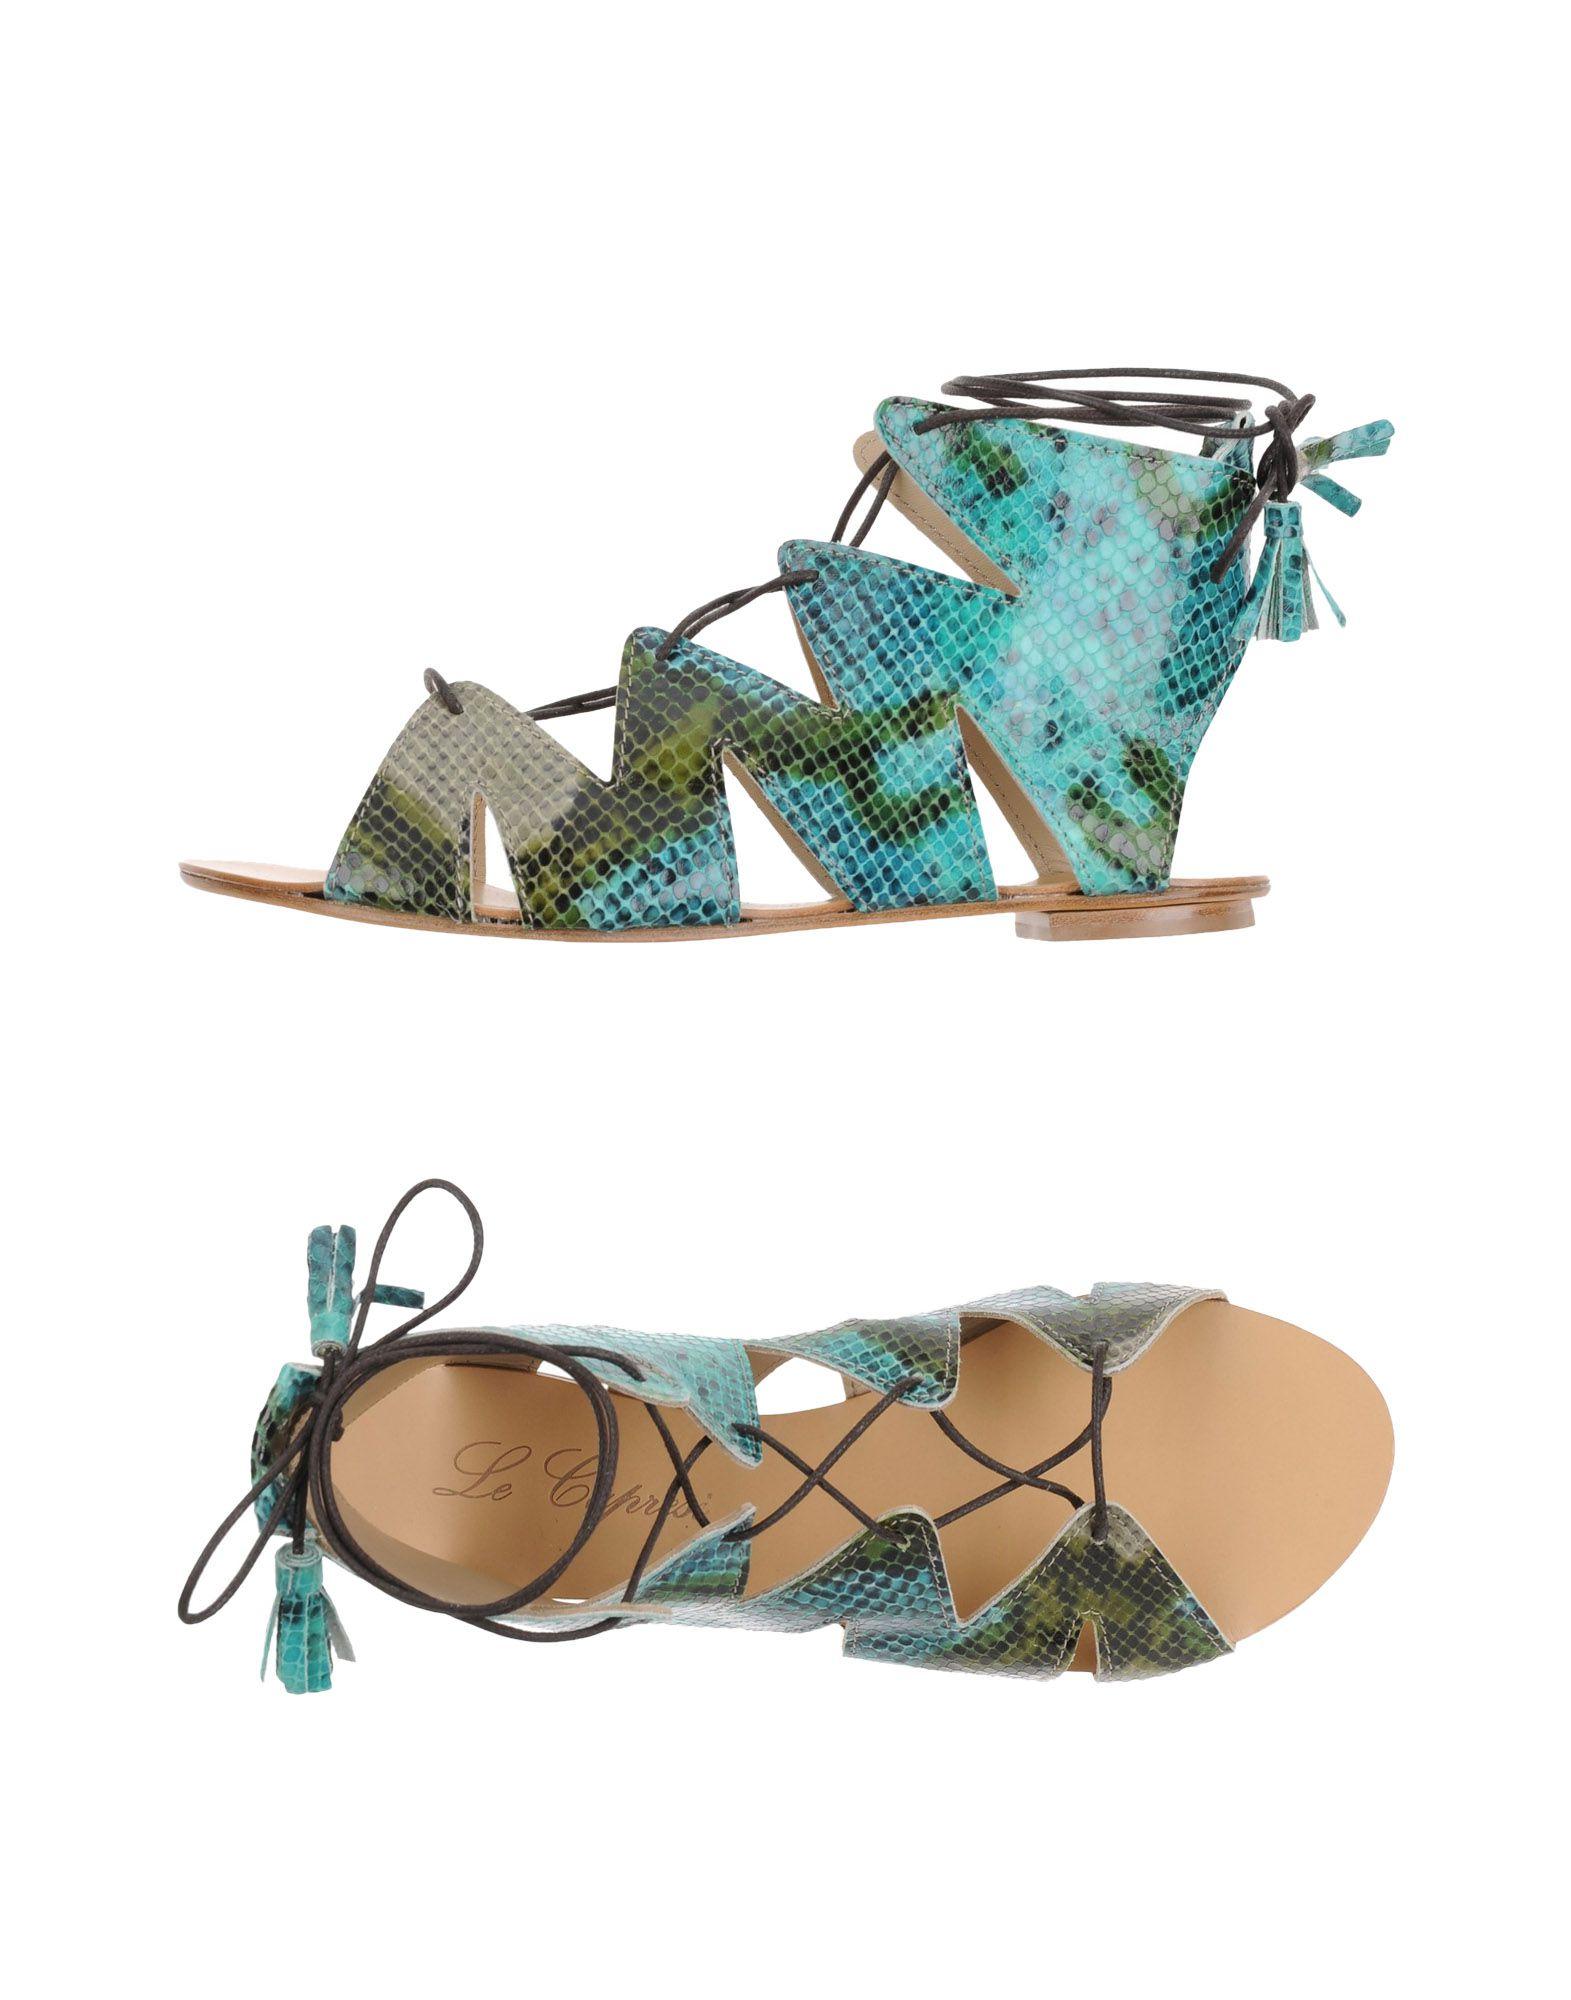 LE CAPRESI Sandals in Turquoise